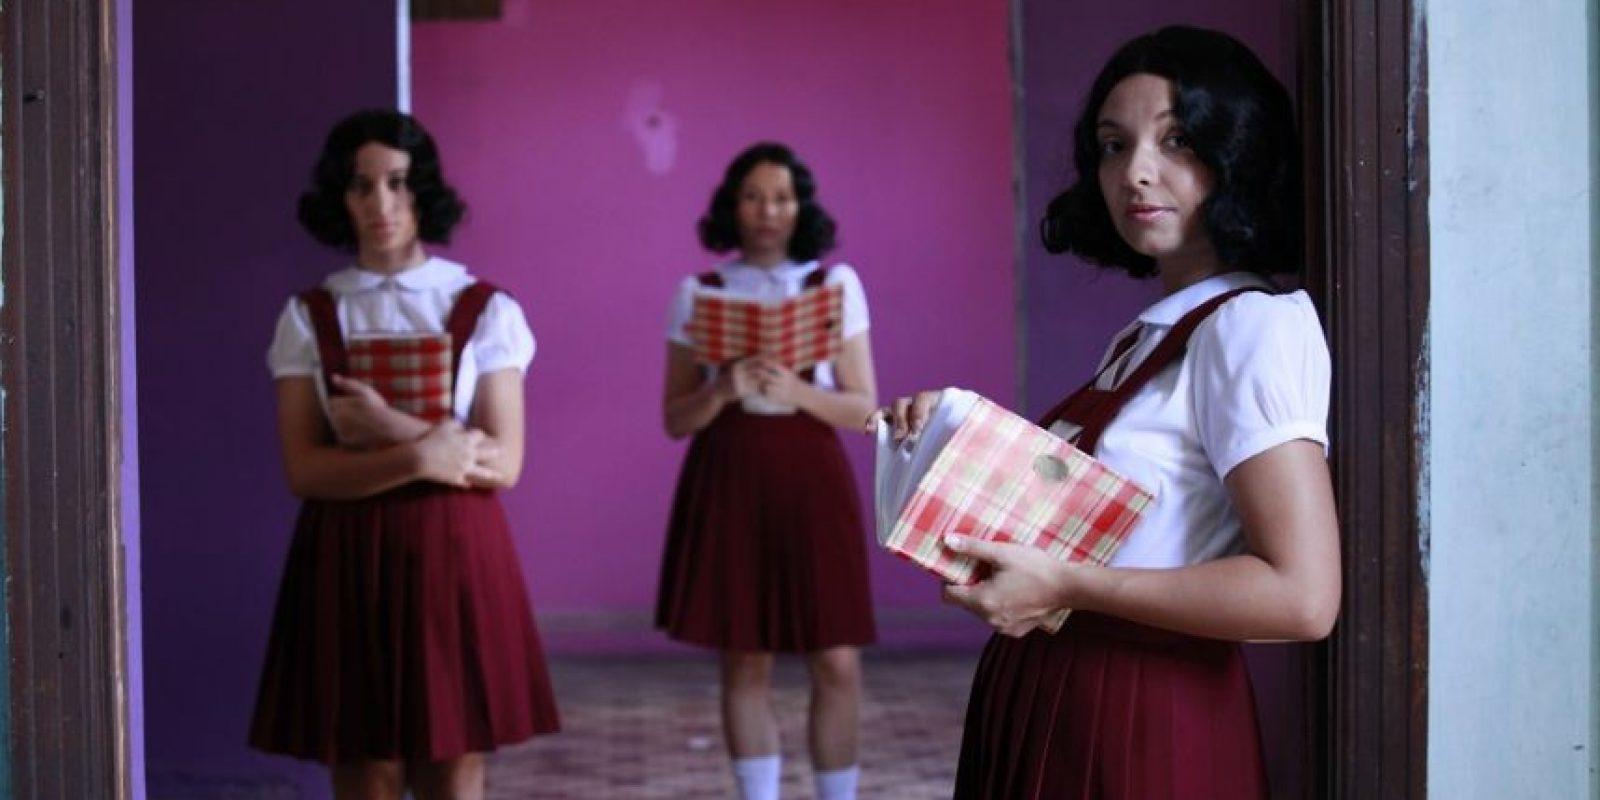 La conmovedora historia de Ana Frank ha viajado por el mundo; el mes próximo, el público dominicano podrá conocerla a través del teatro. Foto:Fuente externa